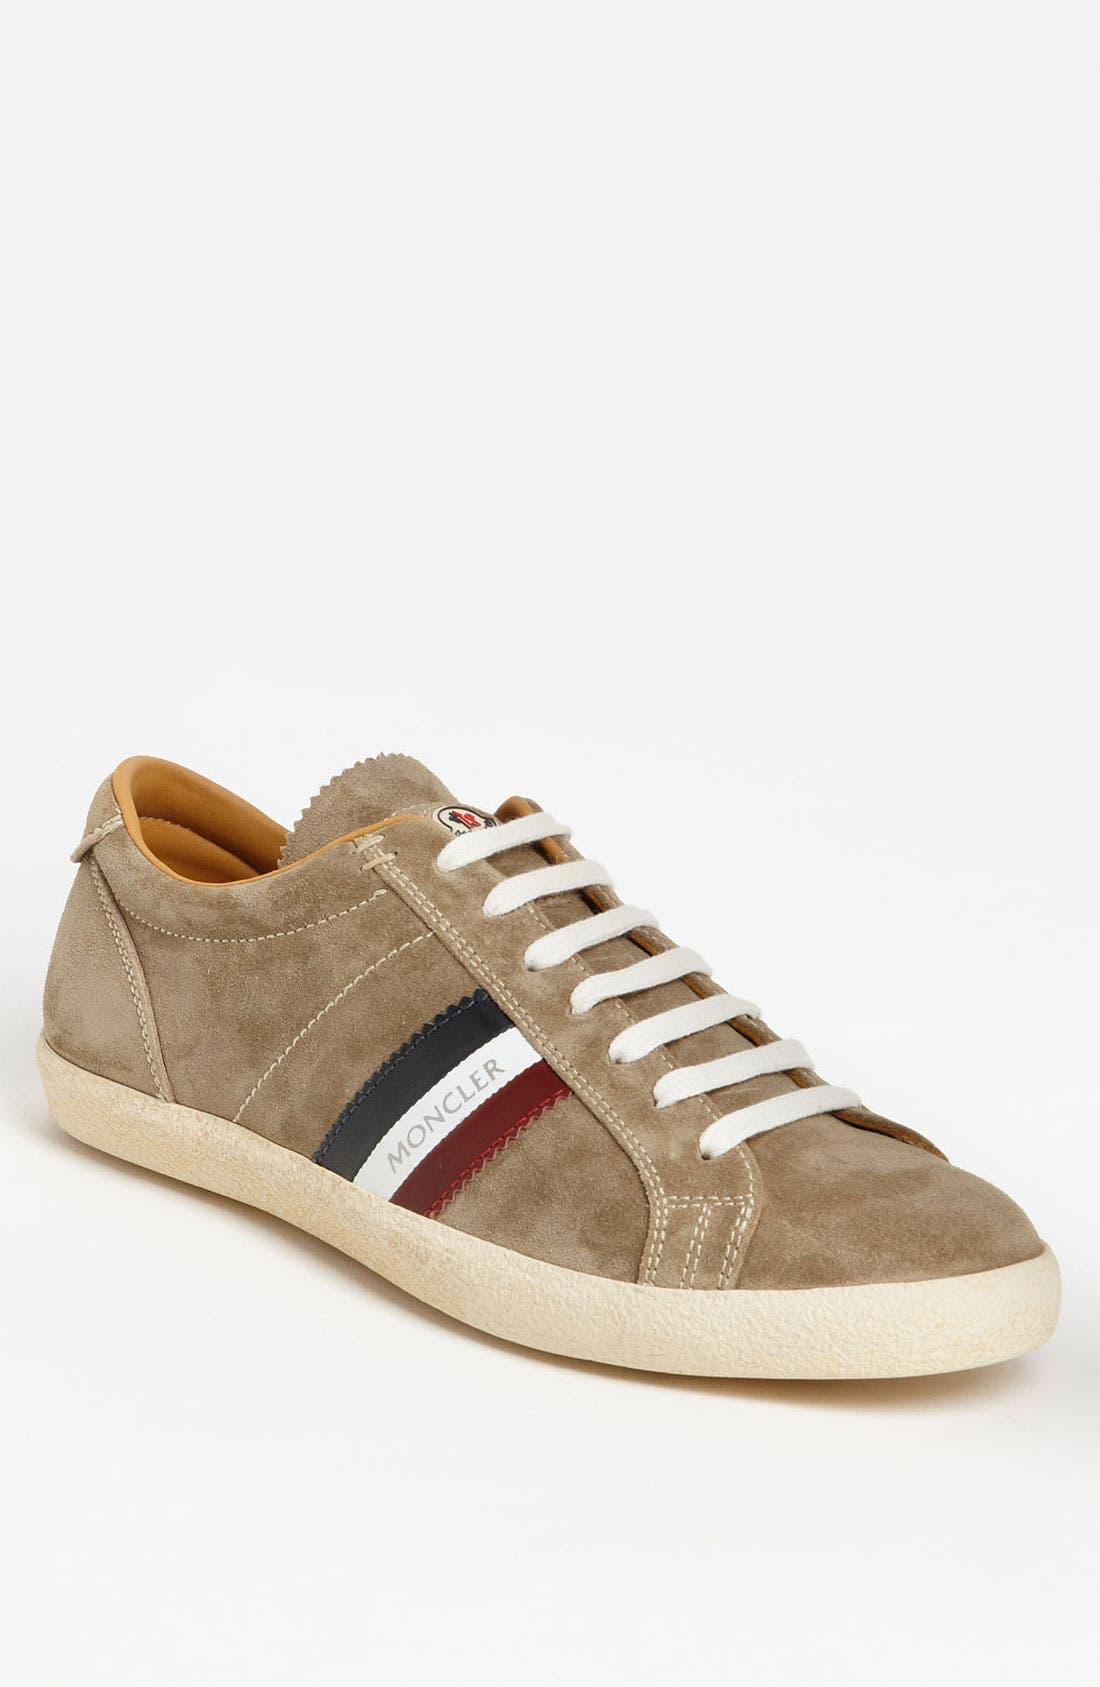 Main Image - Moncler 'Monaco' Suede Sneaker